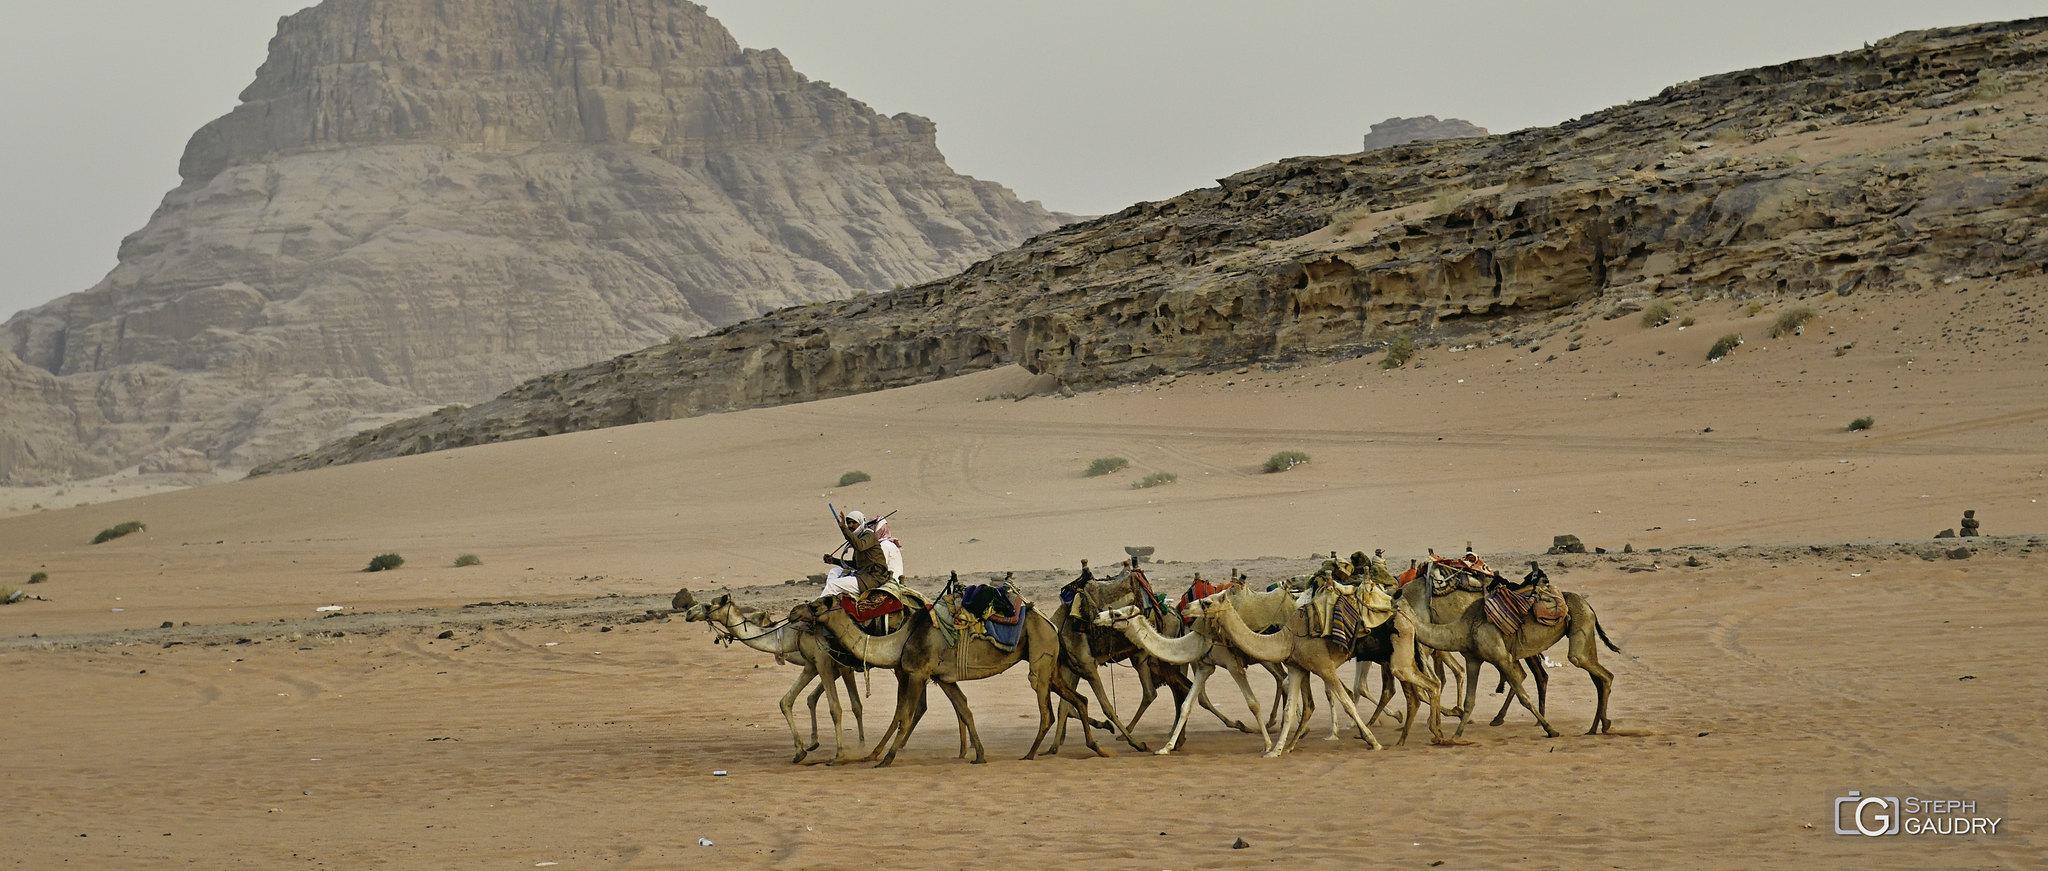 Le retour de la caravane le soir dans le Wadi-Rum... [Cliquez pour lancer le diaporama]